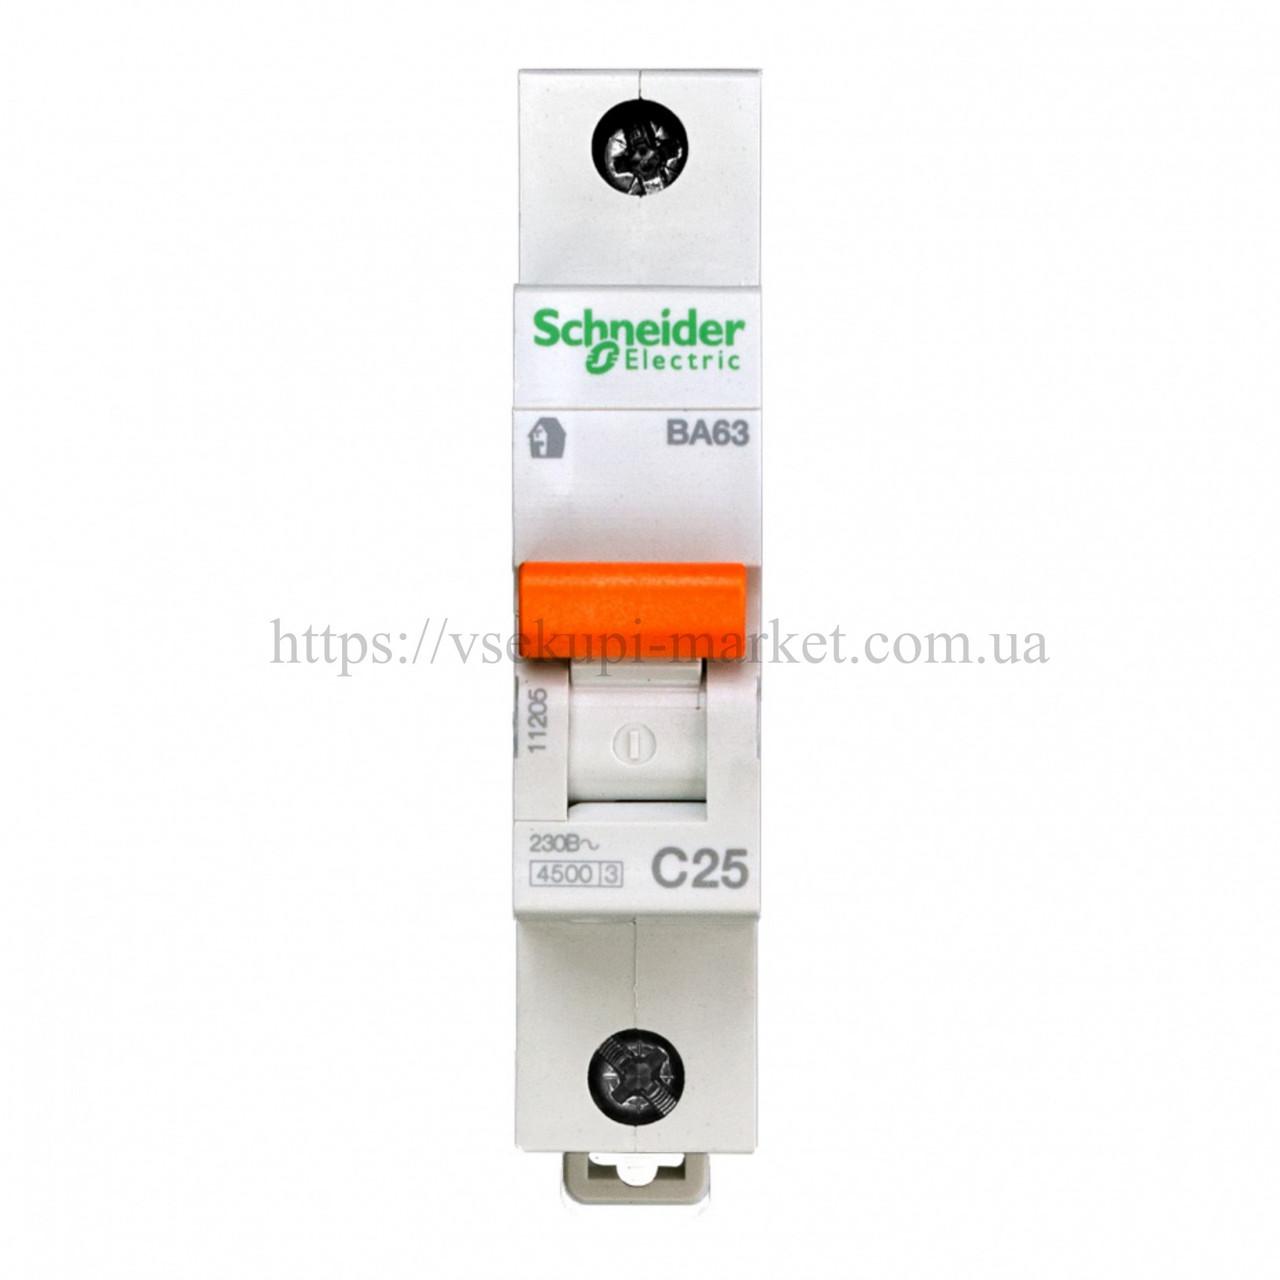 Автоматический выключательSCHNEIDER ВА63 1Р 25А 1 ПОЛЮС С 11205